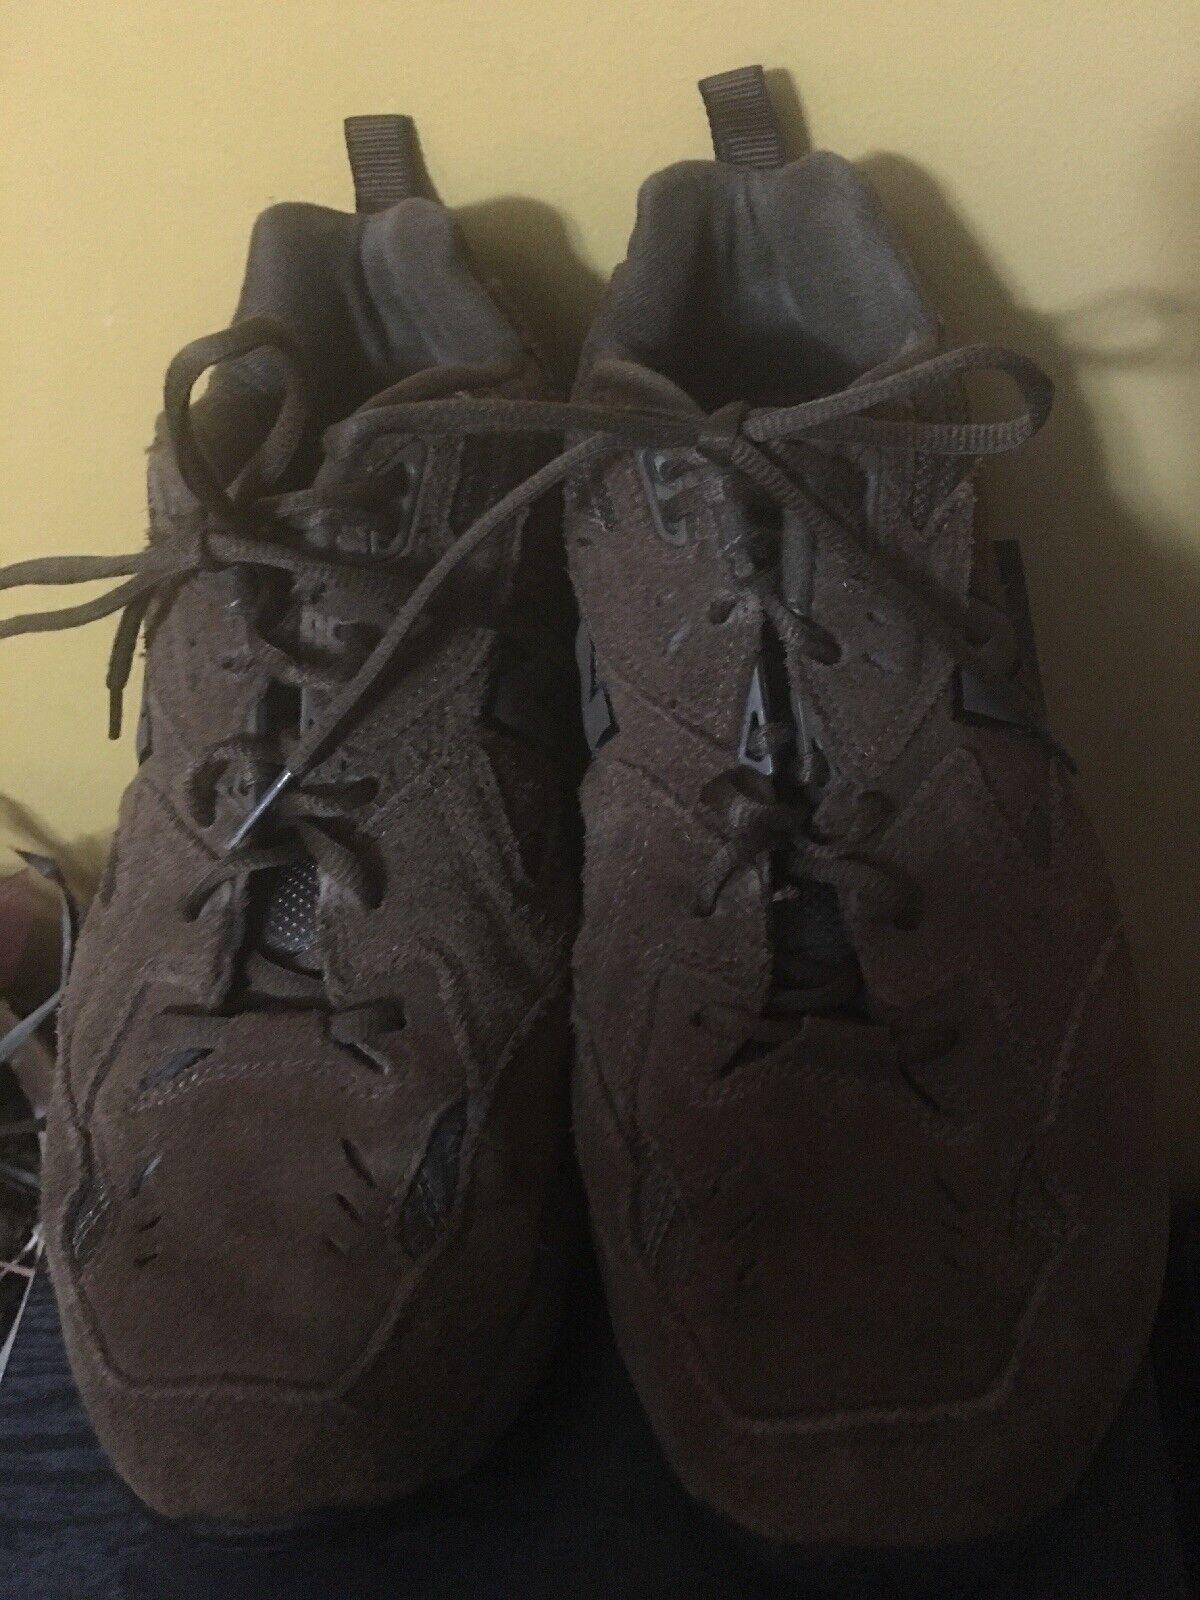 New Balance hombres zapatillas de entrenamiento mx6080 Dark Marrón Suede ancho SZ.10 4e nosotros extra ancho Suede 22cbbd